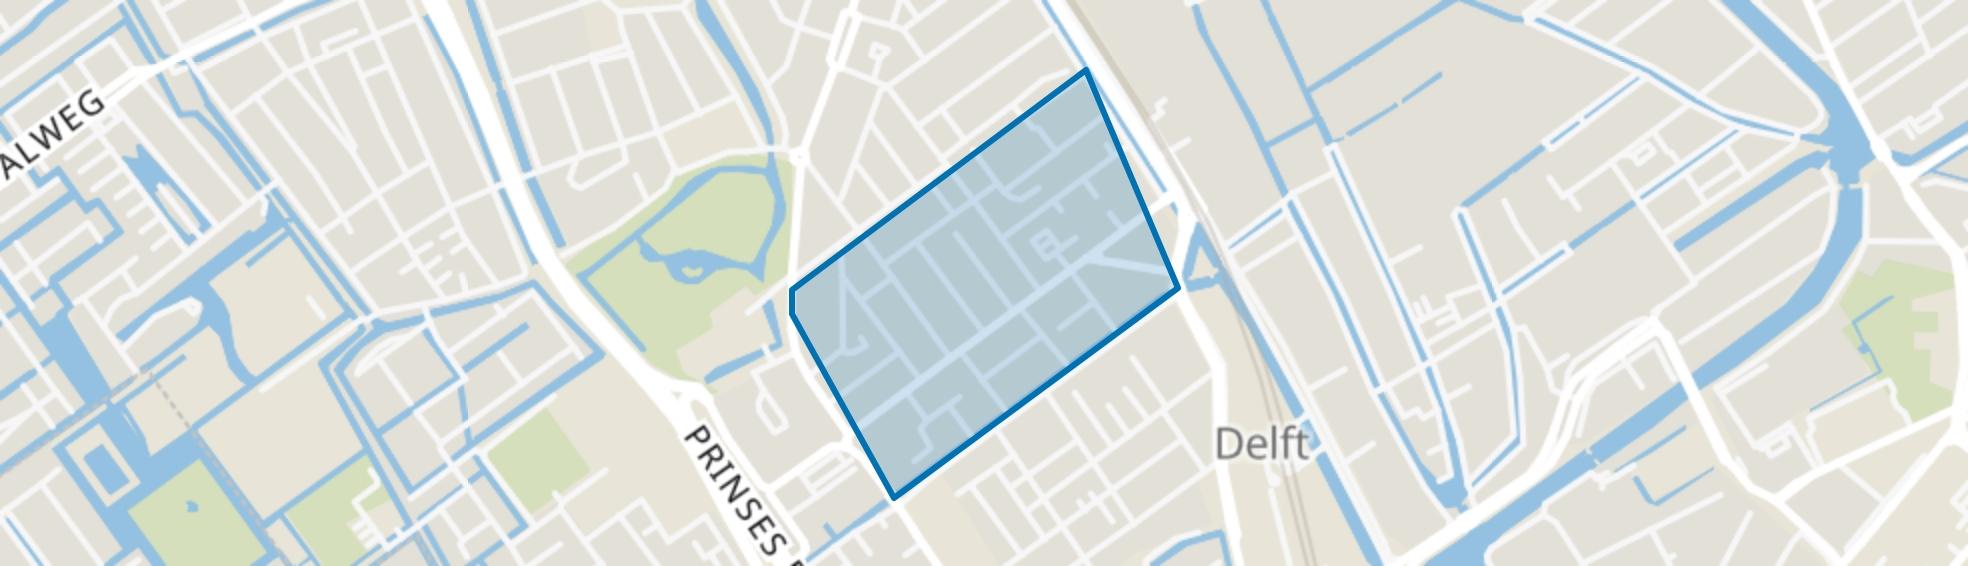 Olofsbuurt, Delft map